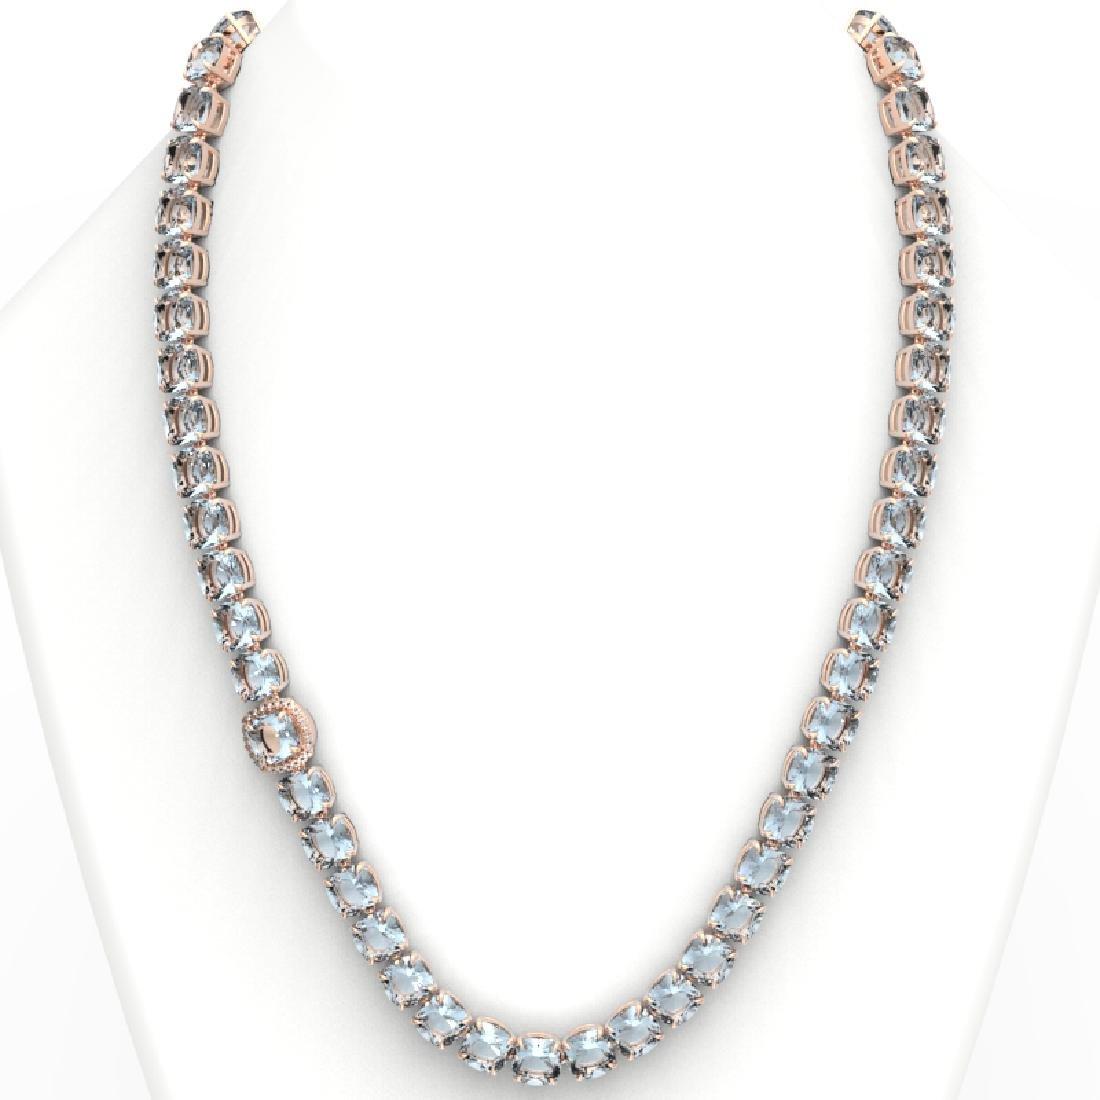 87 CTW Aquamarine & VS/SI Diamond Necklace 14K Rose - 3